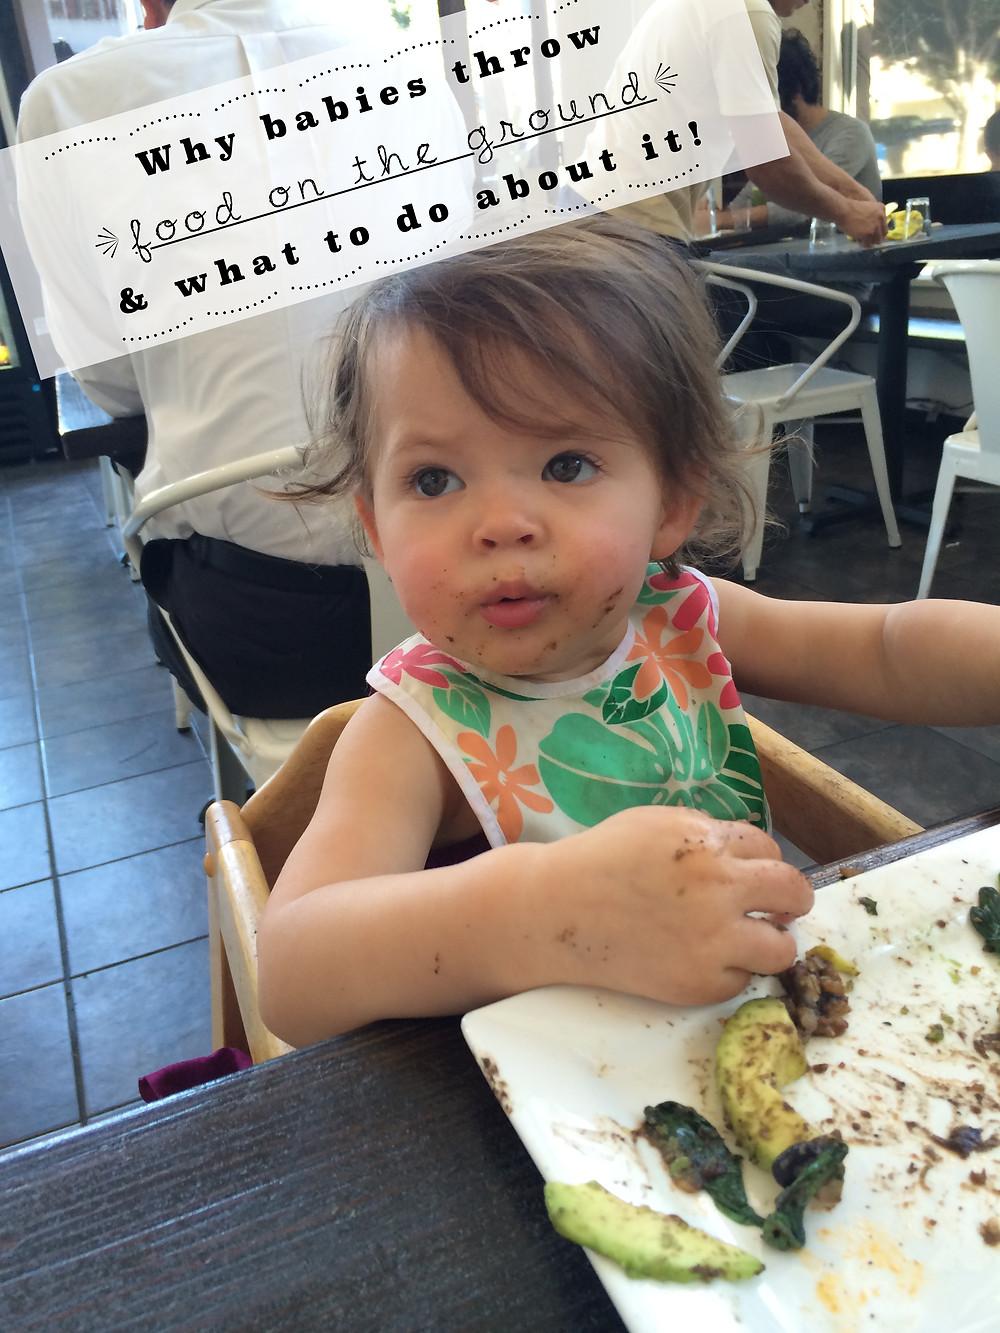 Throwing food_Blog post.jpg